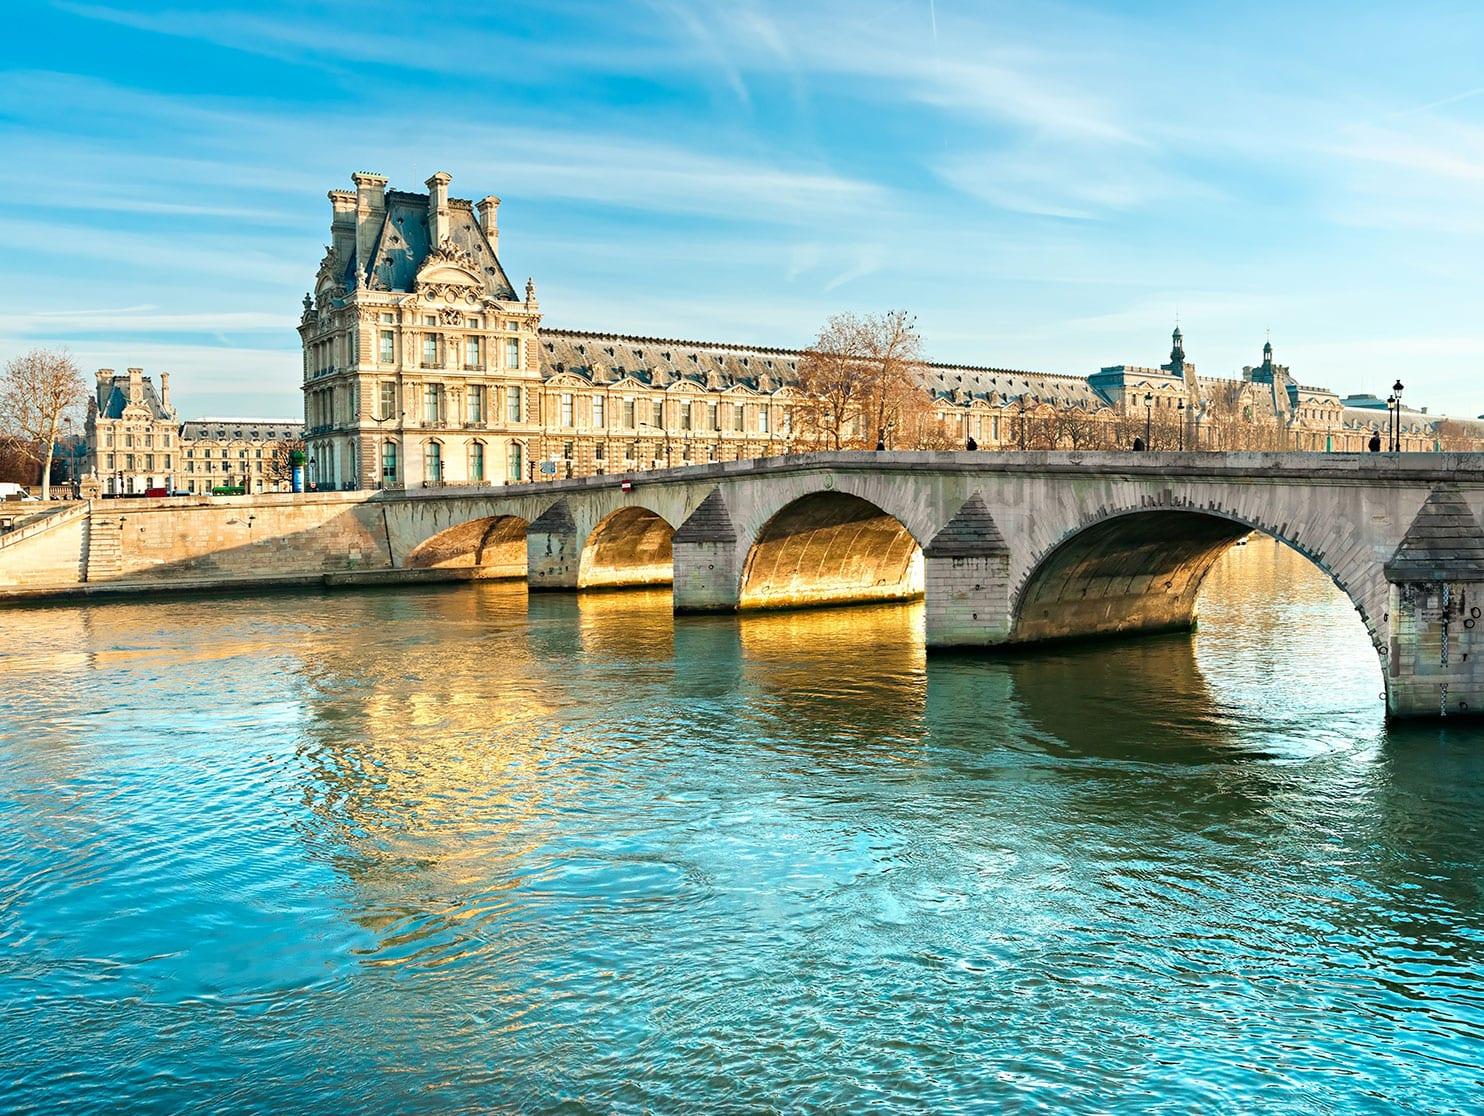 Spécialement conçus pour naviguer sur la Seine, les quatre navires de Viking Cruise Rivers partiront de Paris centre vers la Tour Eiffel pour se diriger vers la Normandie